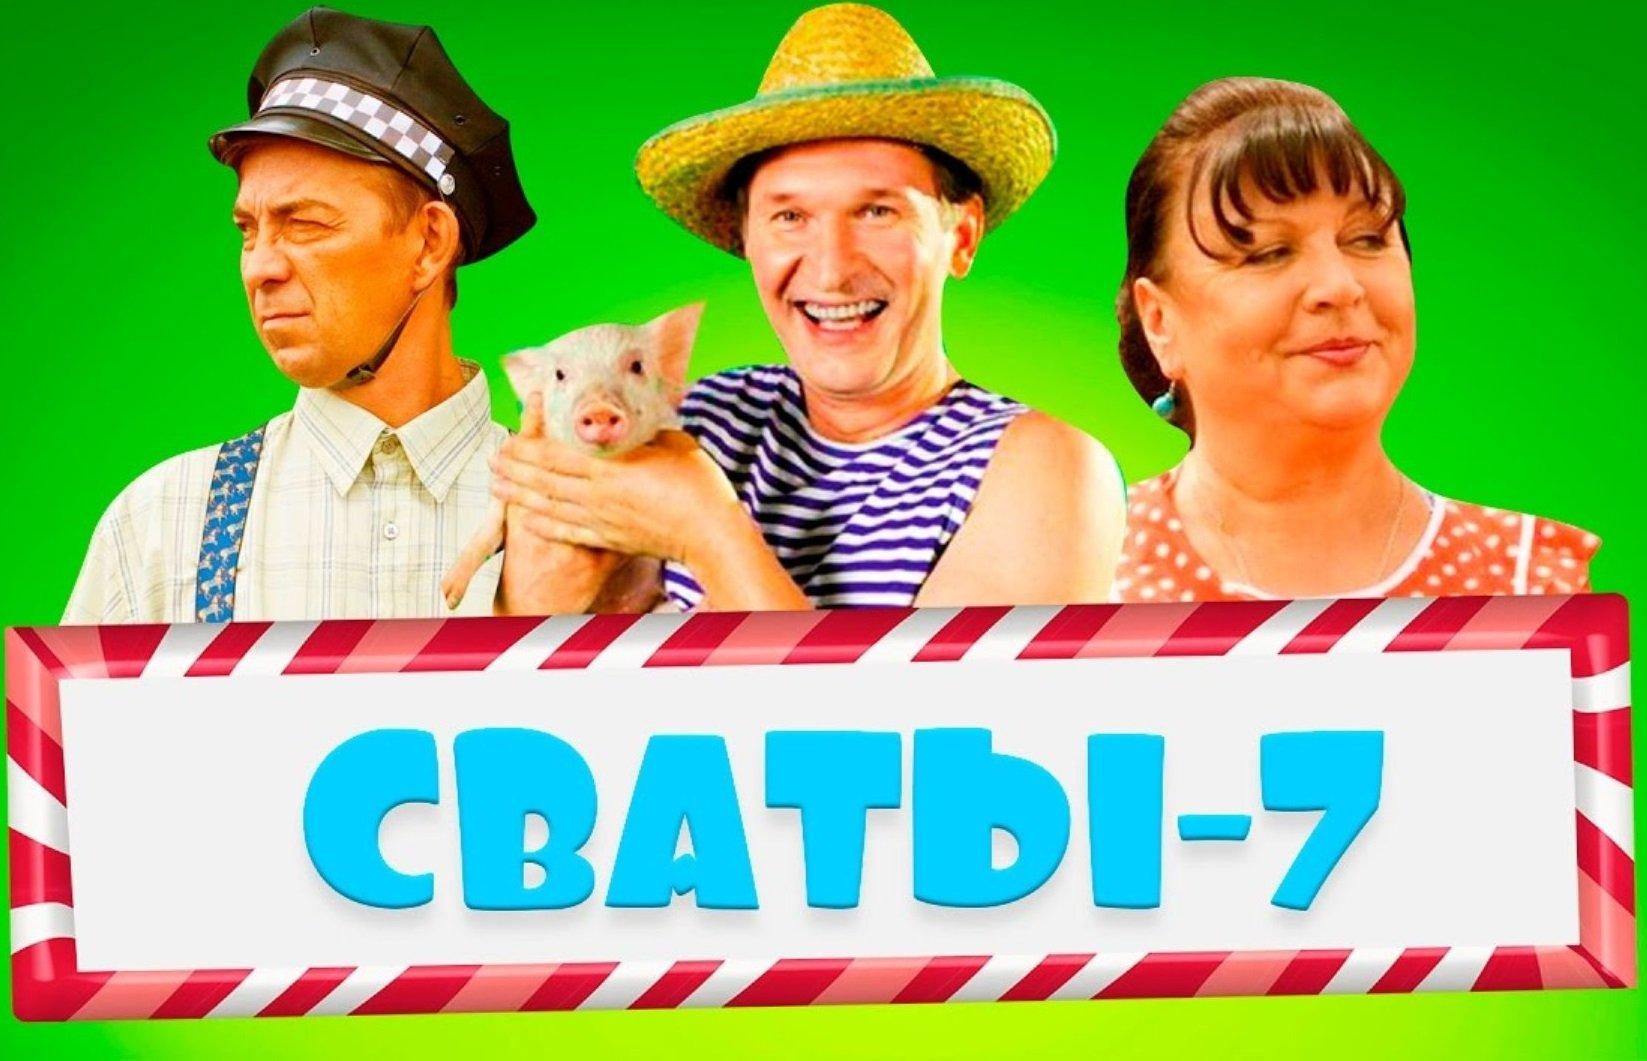 """Съемки """"Сваты 7"""" завершены: украинцам рассказали о сюрпризах в новом эпизоде сериала"""